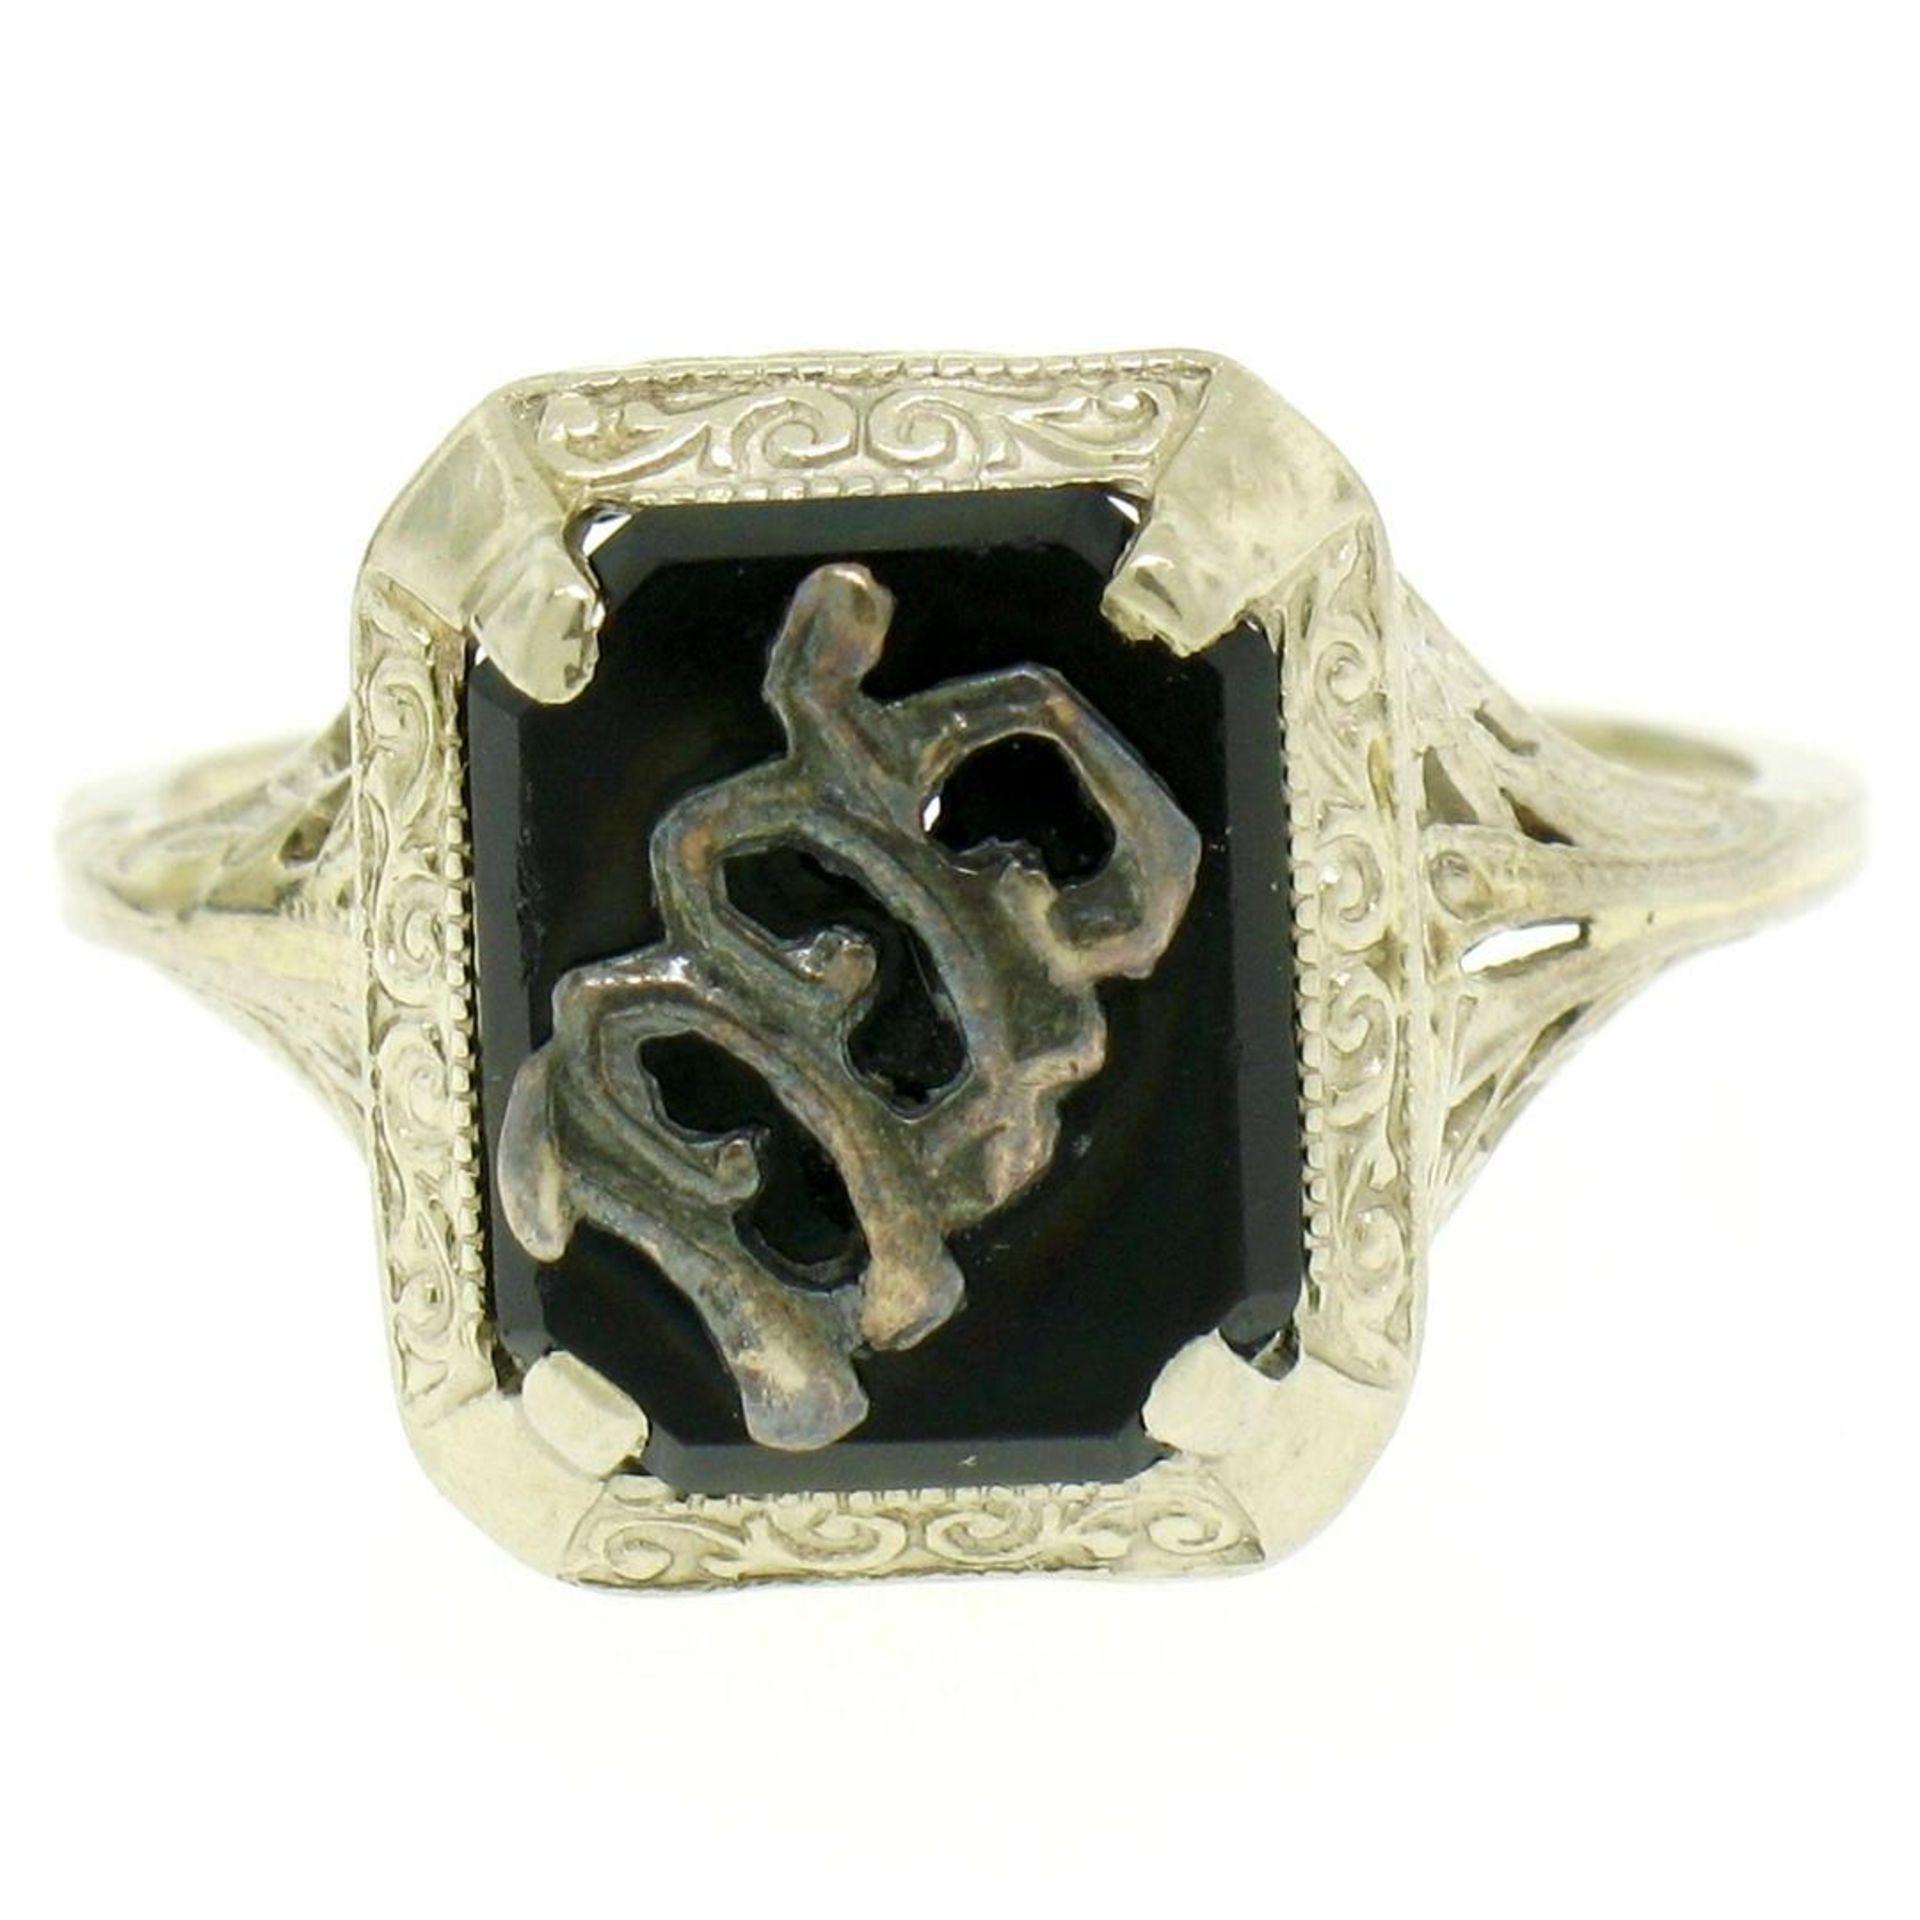 1925 14k White Gold Prong Set Black Onyx Filigree Dinner Ring - Image 4 of 8